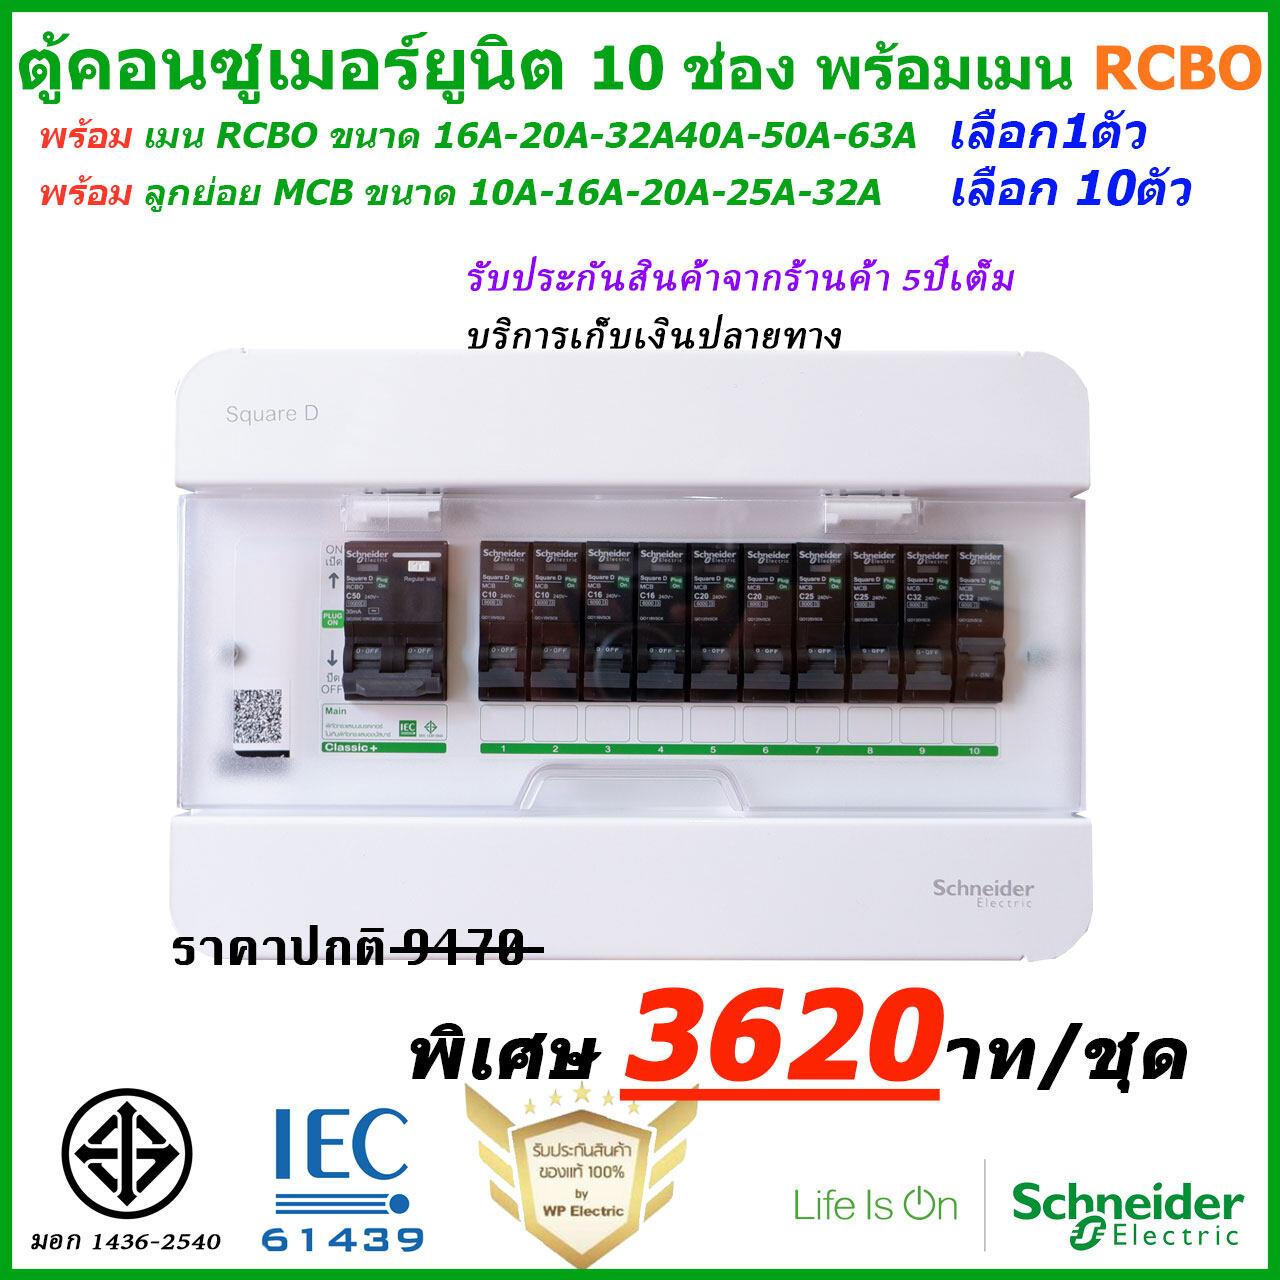 ชุดตู้คอนซูเมอร์ 10 ช่อง พร้อม เมนRCBO=1ตัว + ลูกย่อยMCB = 10ตัว ยี่ห้อ Schneider ผ่านมาตรฐานการไฟฟ้า 100%